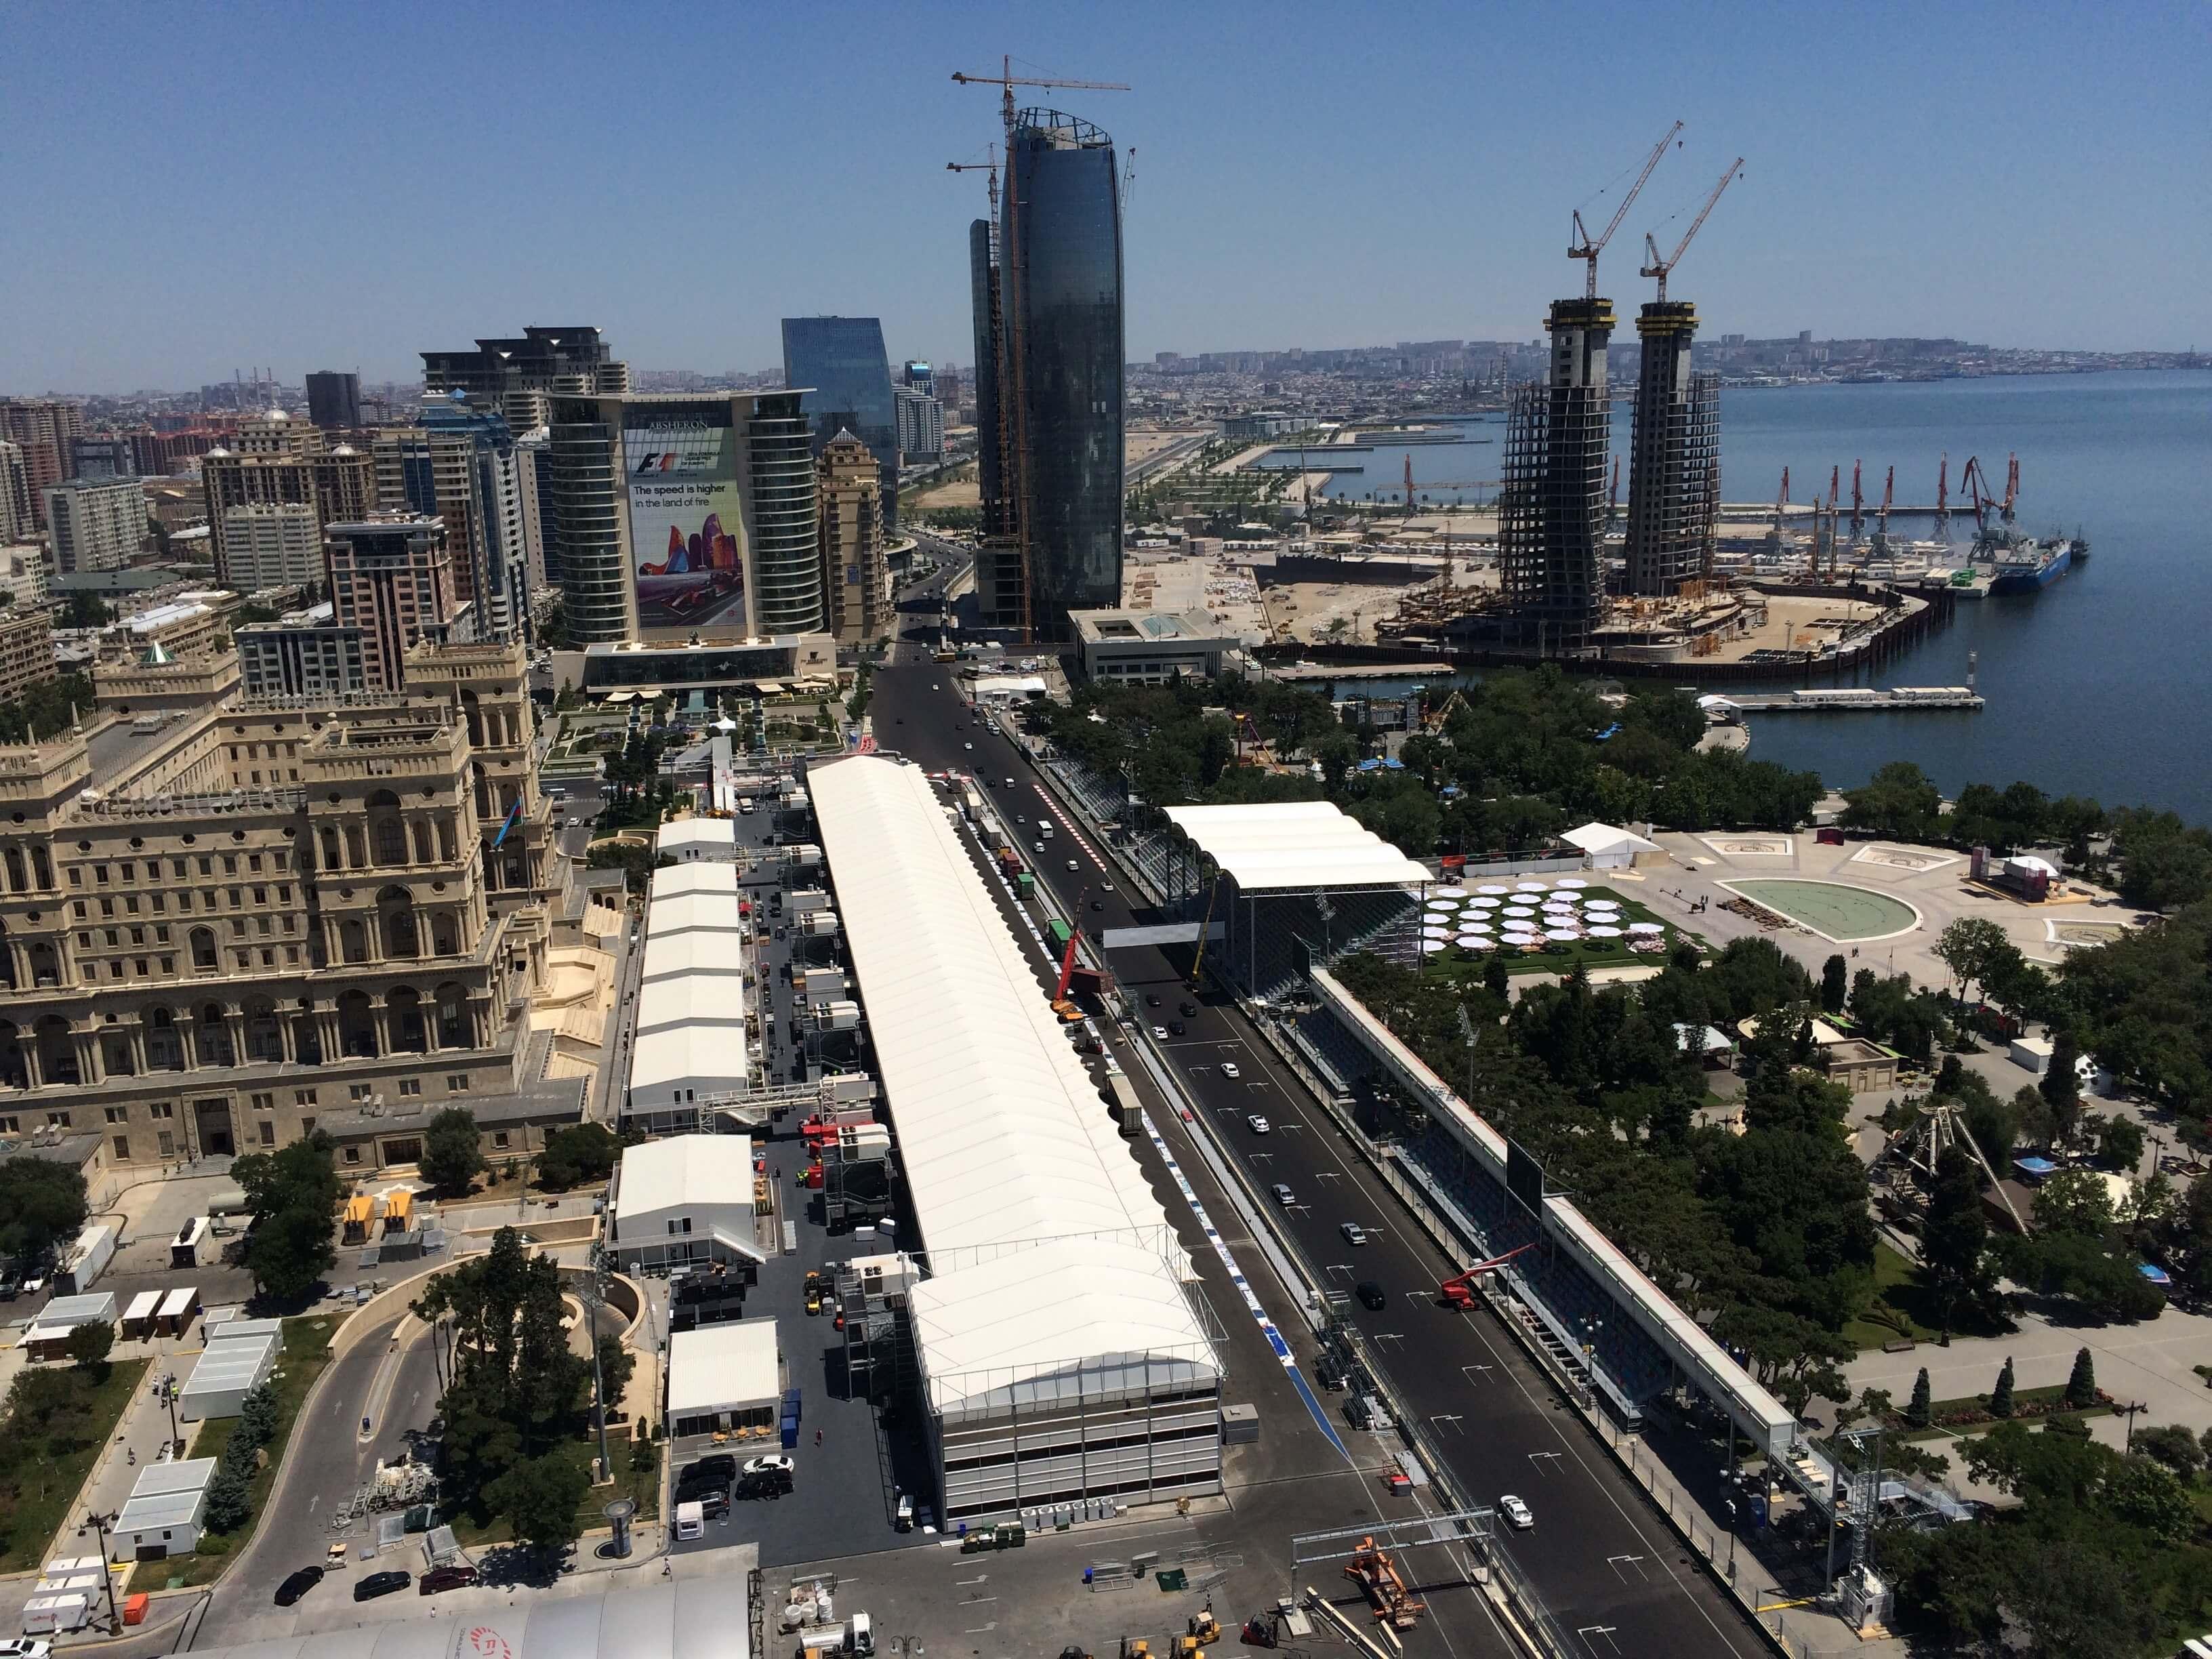 Blick auf das Fahrerlager in Baku © Steffen Dietz, UBIMET